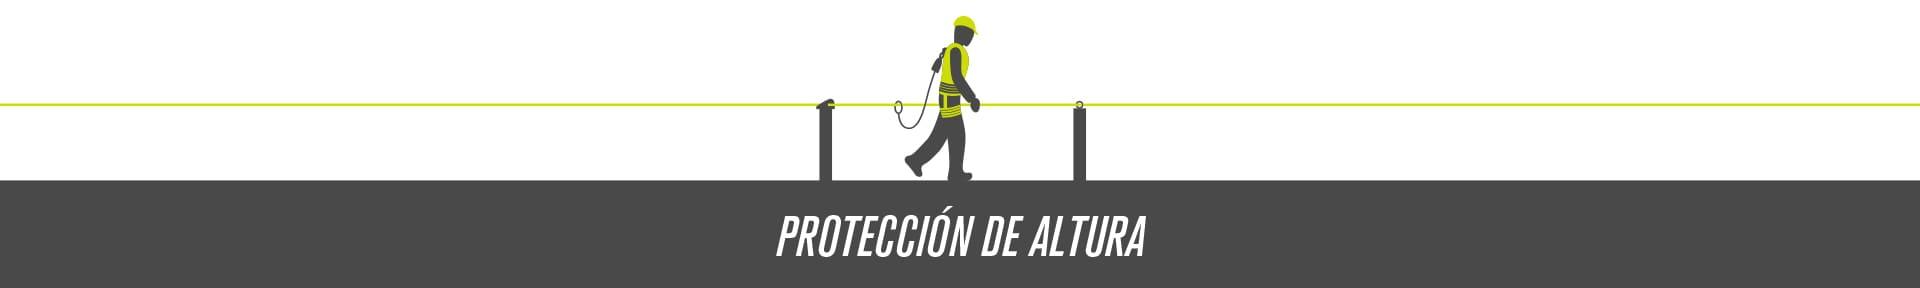 Protección de altura